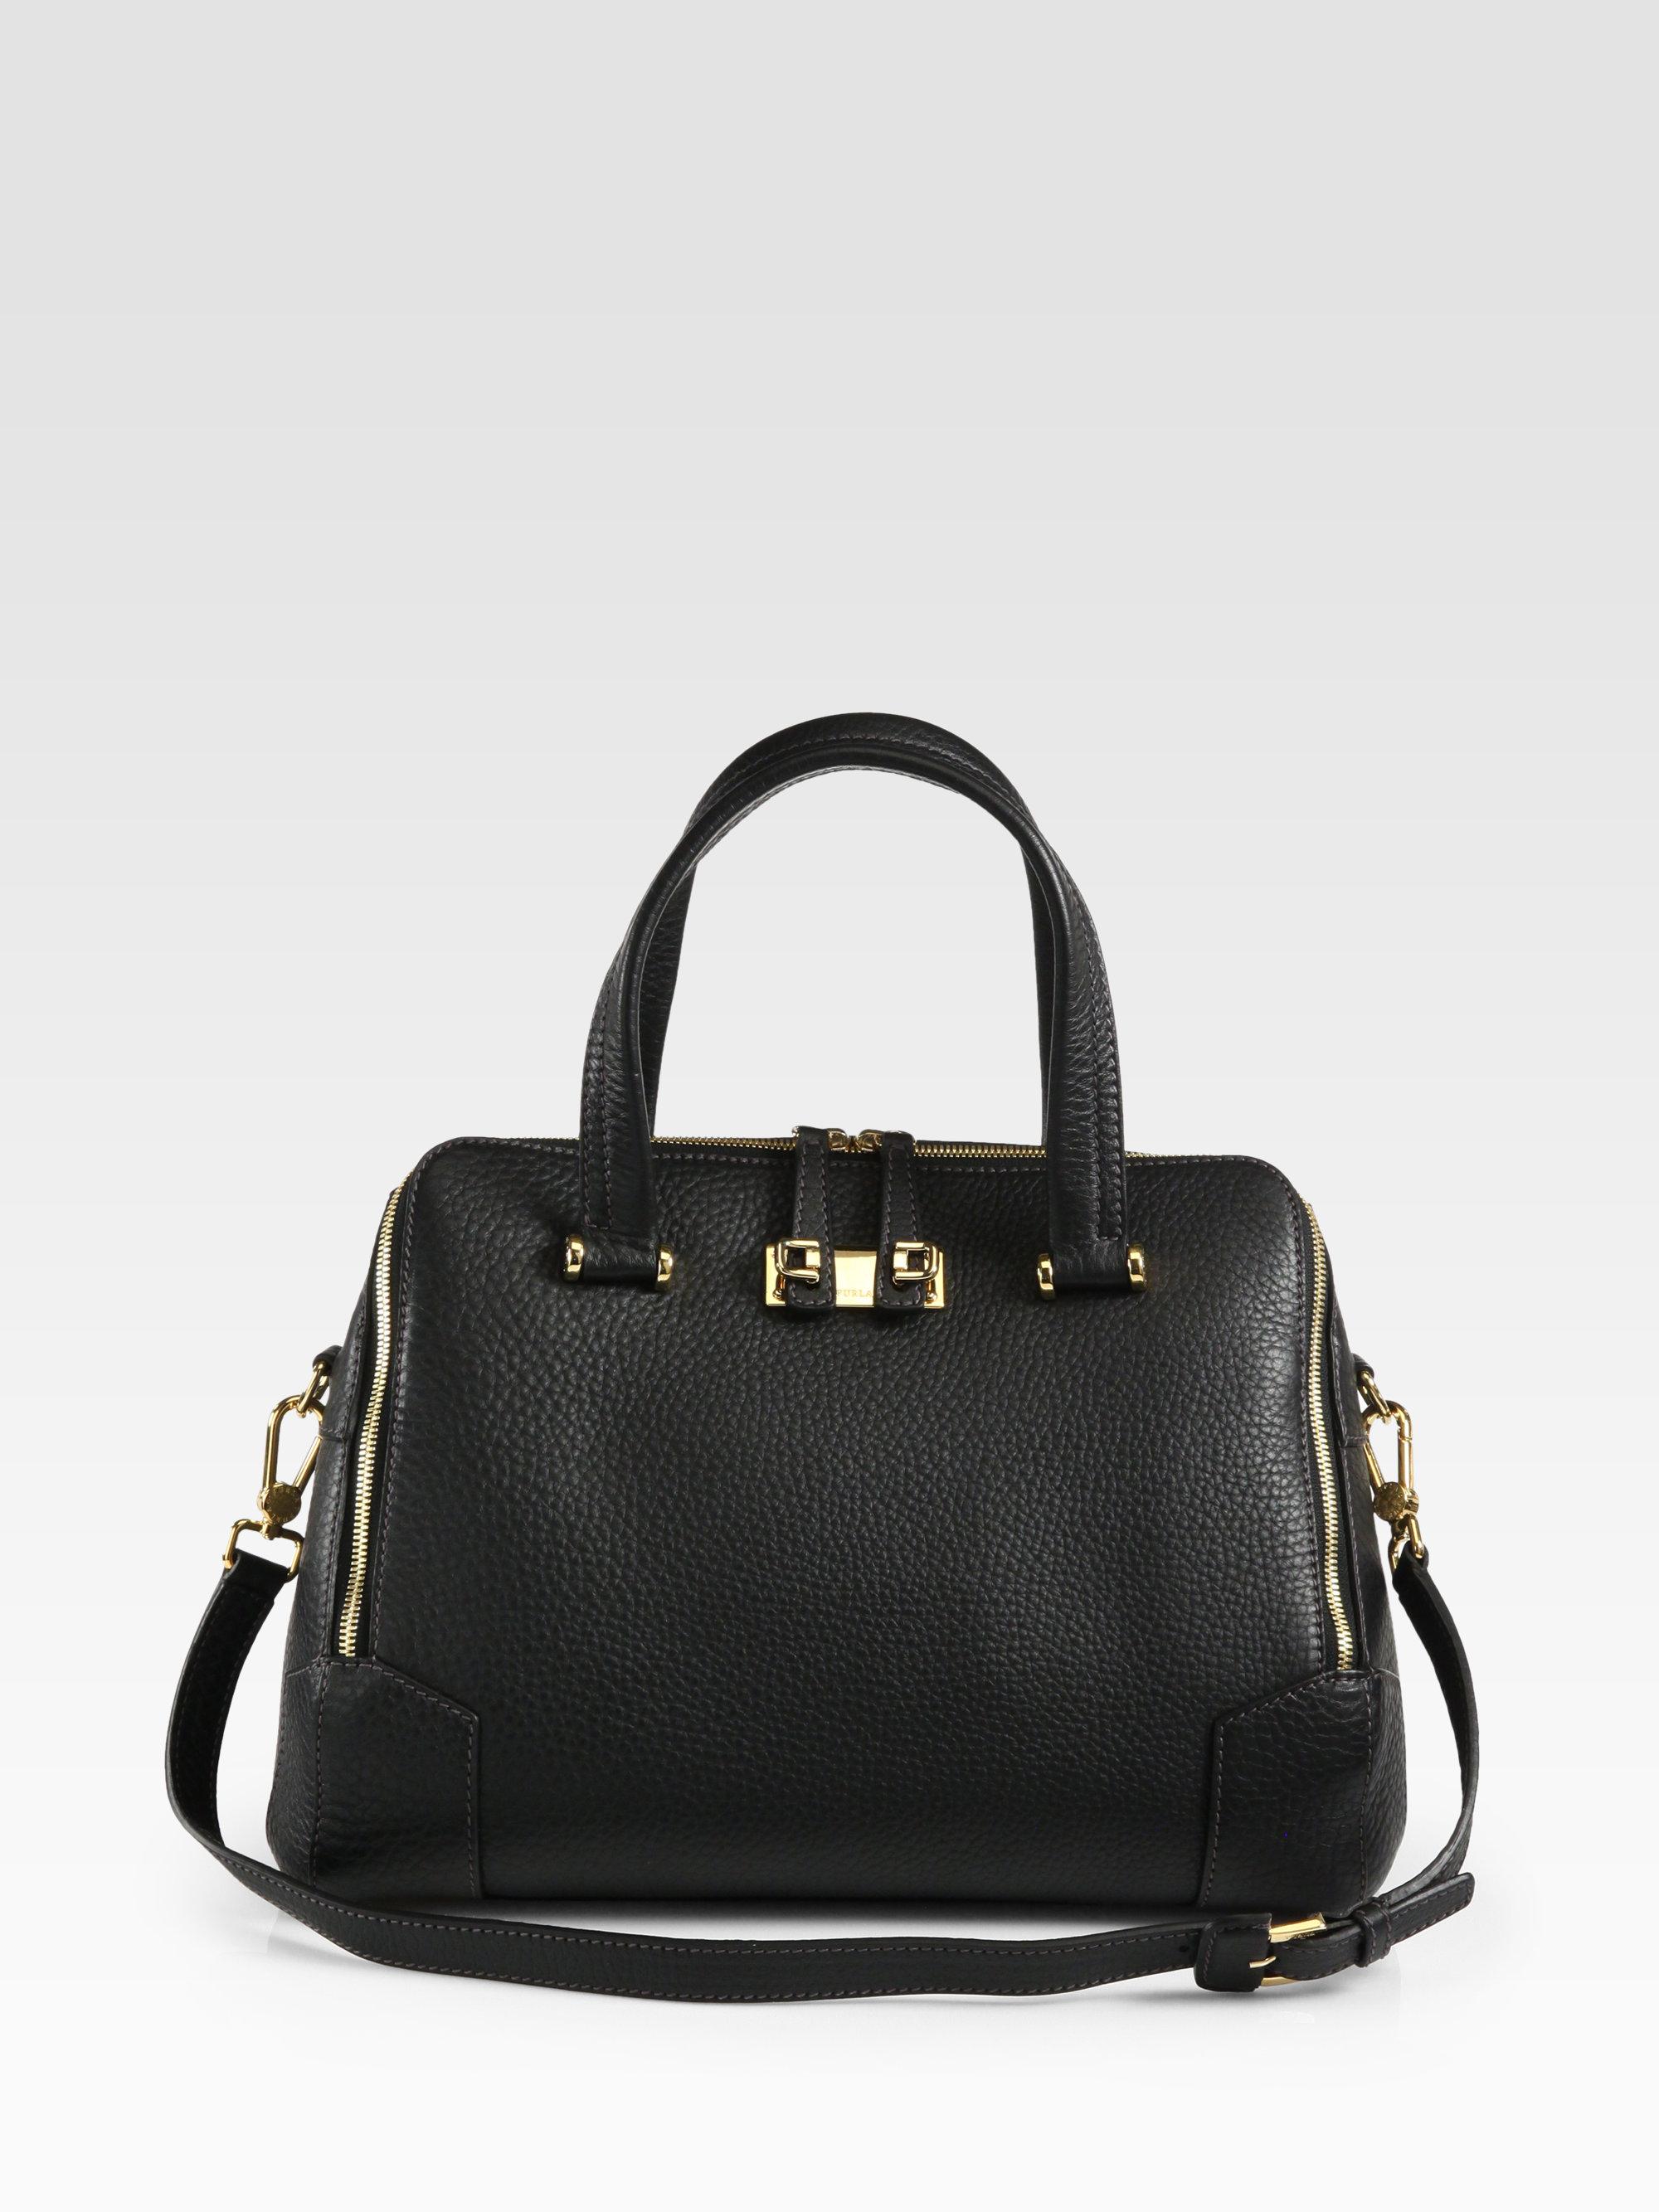 01604c709e2e Furla Handbag Repairs Saks Fifth Avenue | Stanford Center for ...